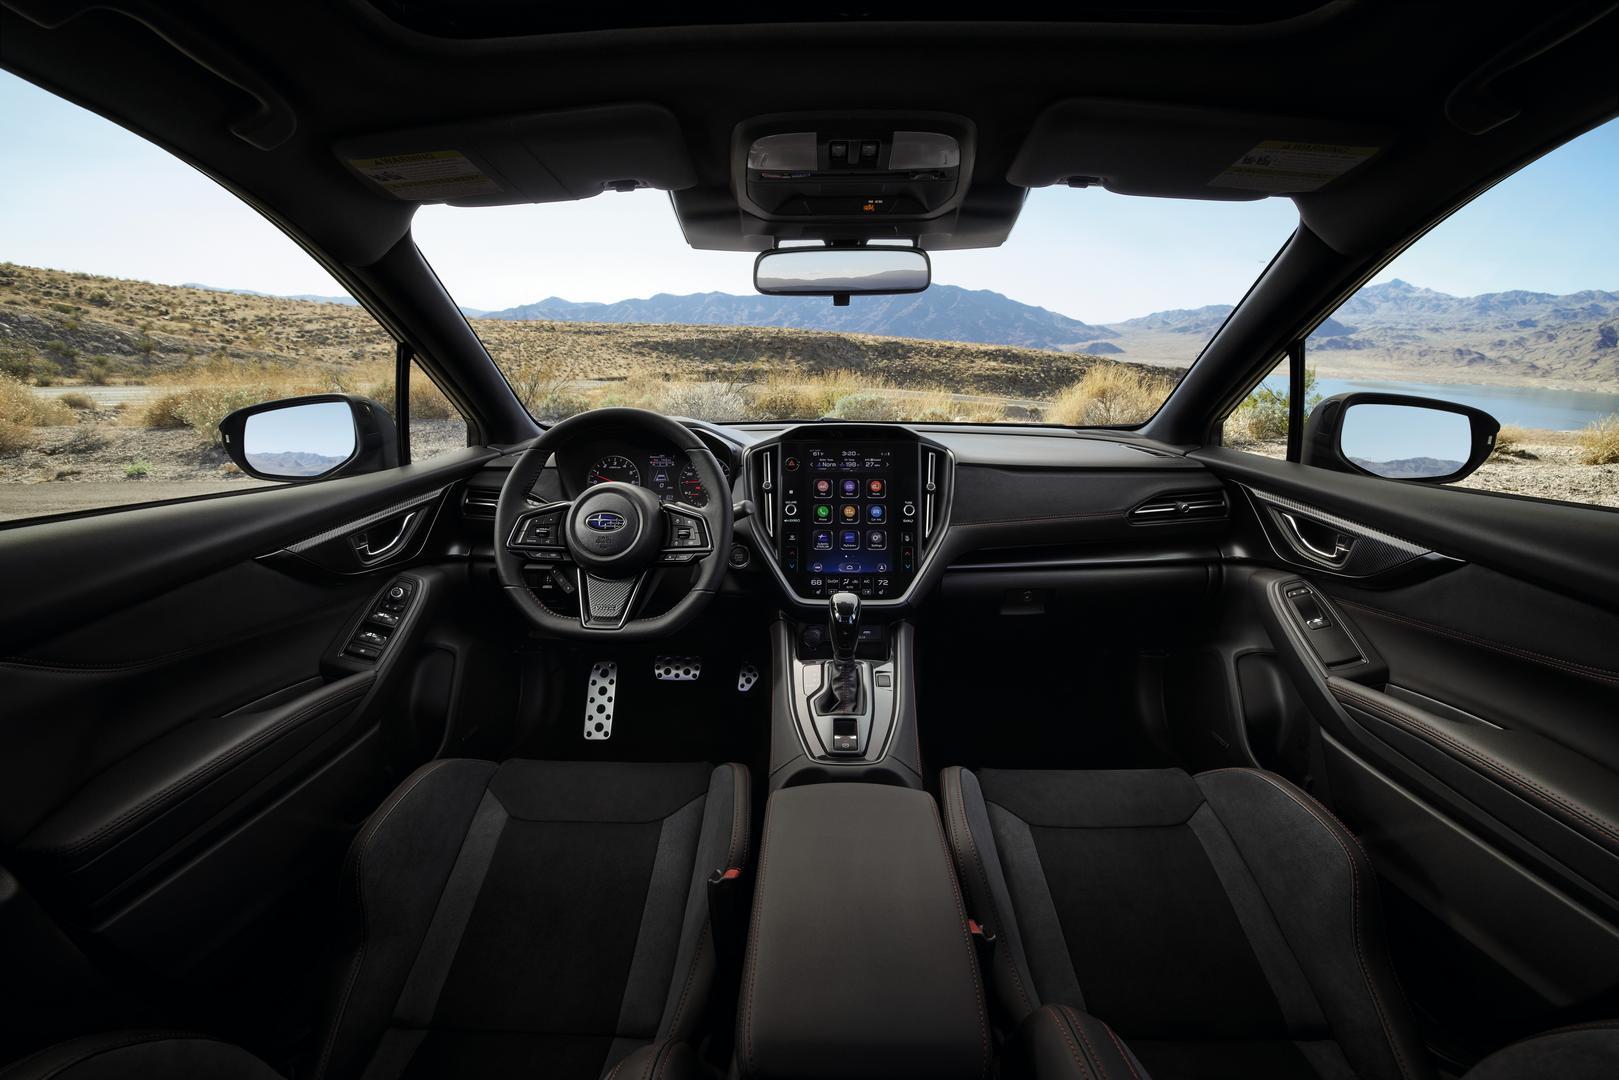 2022 Subaru WRX GT interior